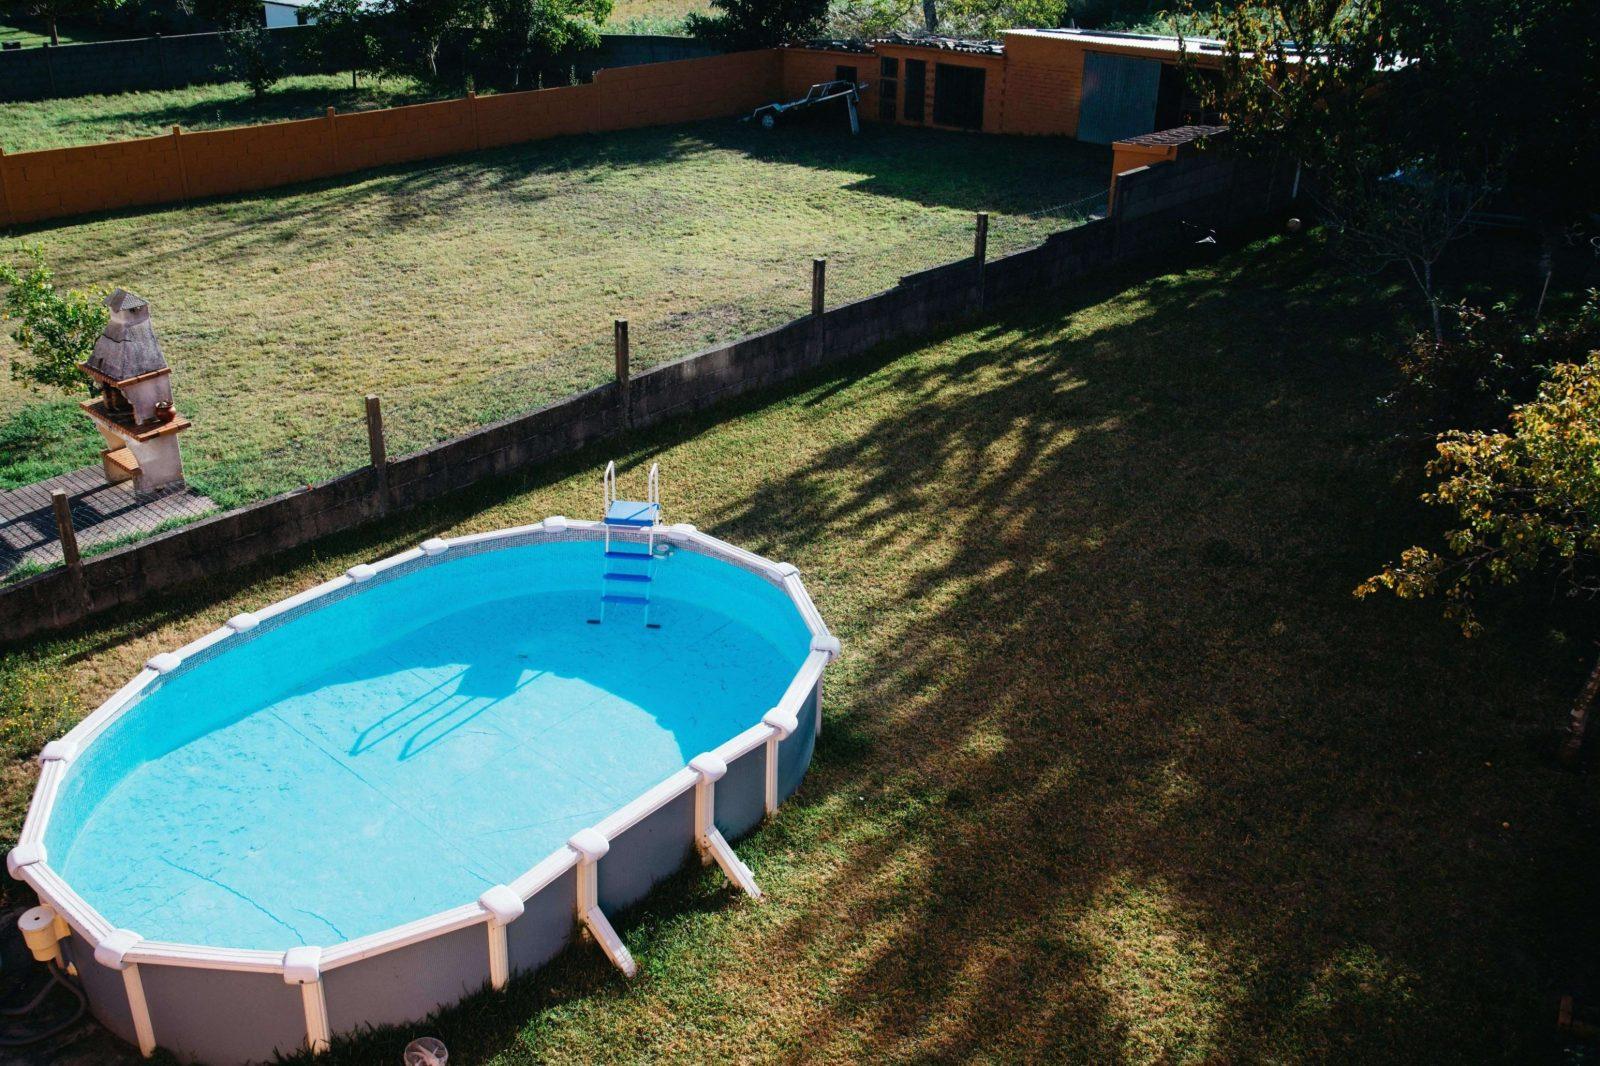 Schwimmbecken Garten Inspirierend Mini Pool Im Garten von Mini Pool Im Garten Photo